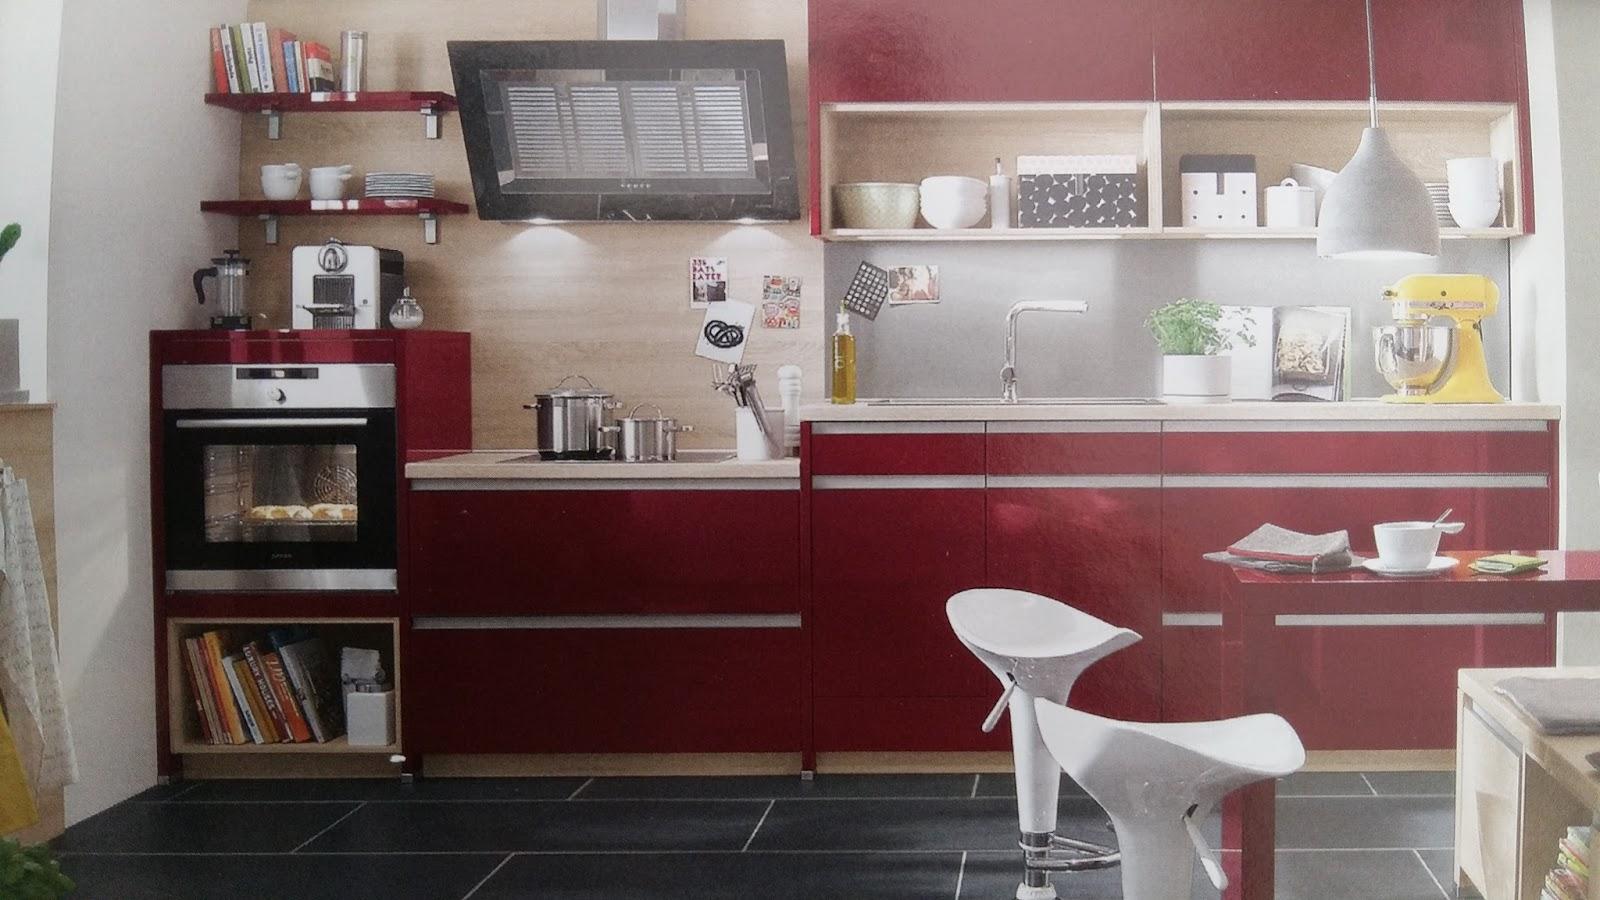 Plathoo dise o de cocinas y ba os 3d cocinas sin - Diseno de cocinas y banos ...